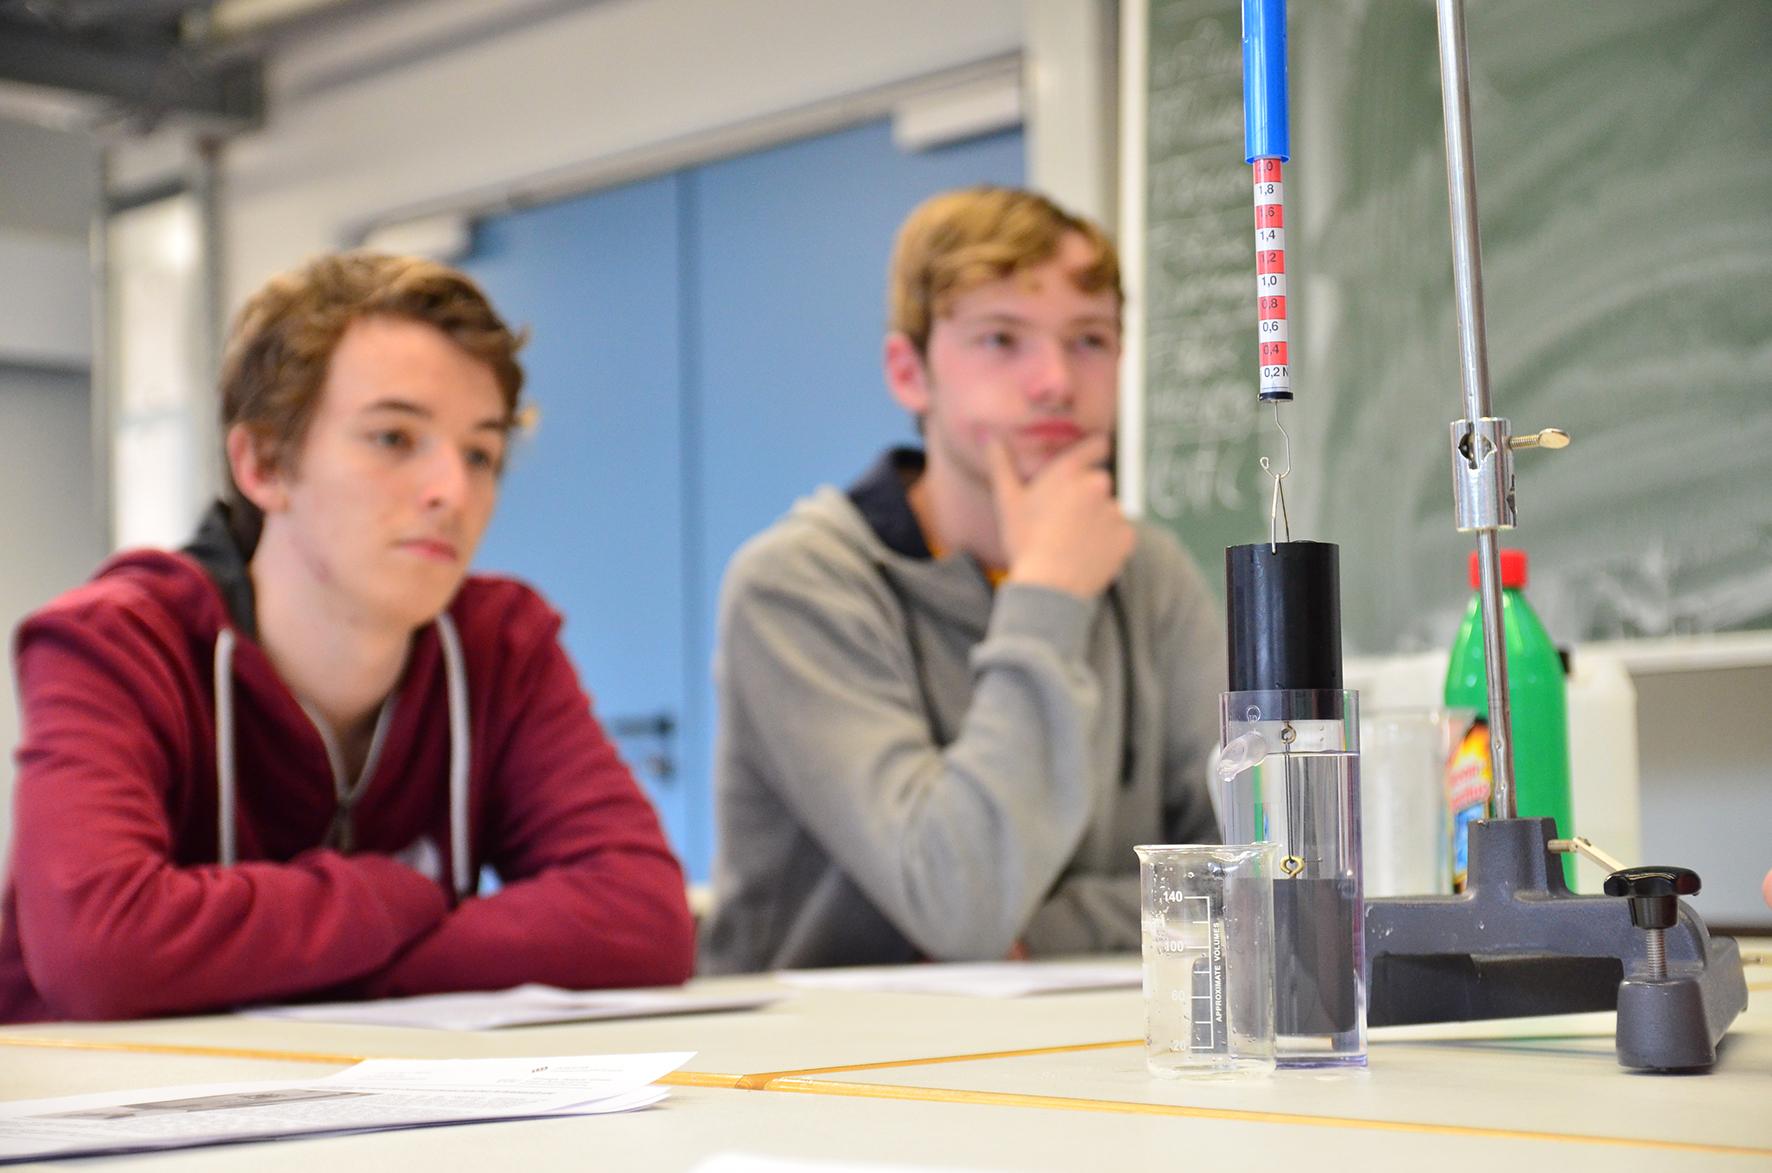 Aufbau zur Schwimmfähigkeit im Vordergrund, dahinter zwei vertiefte Schüler